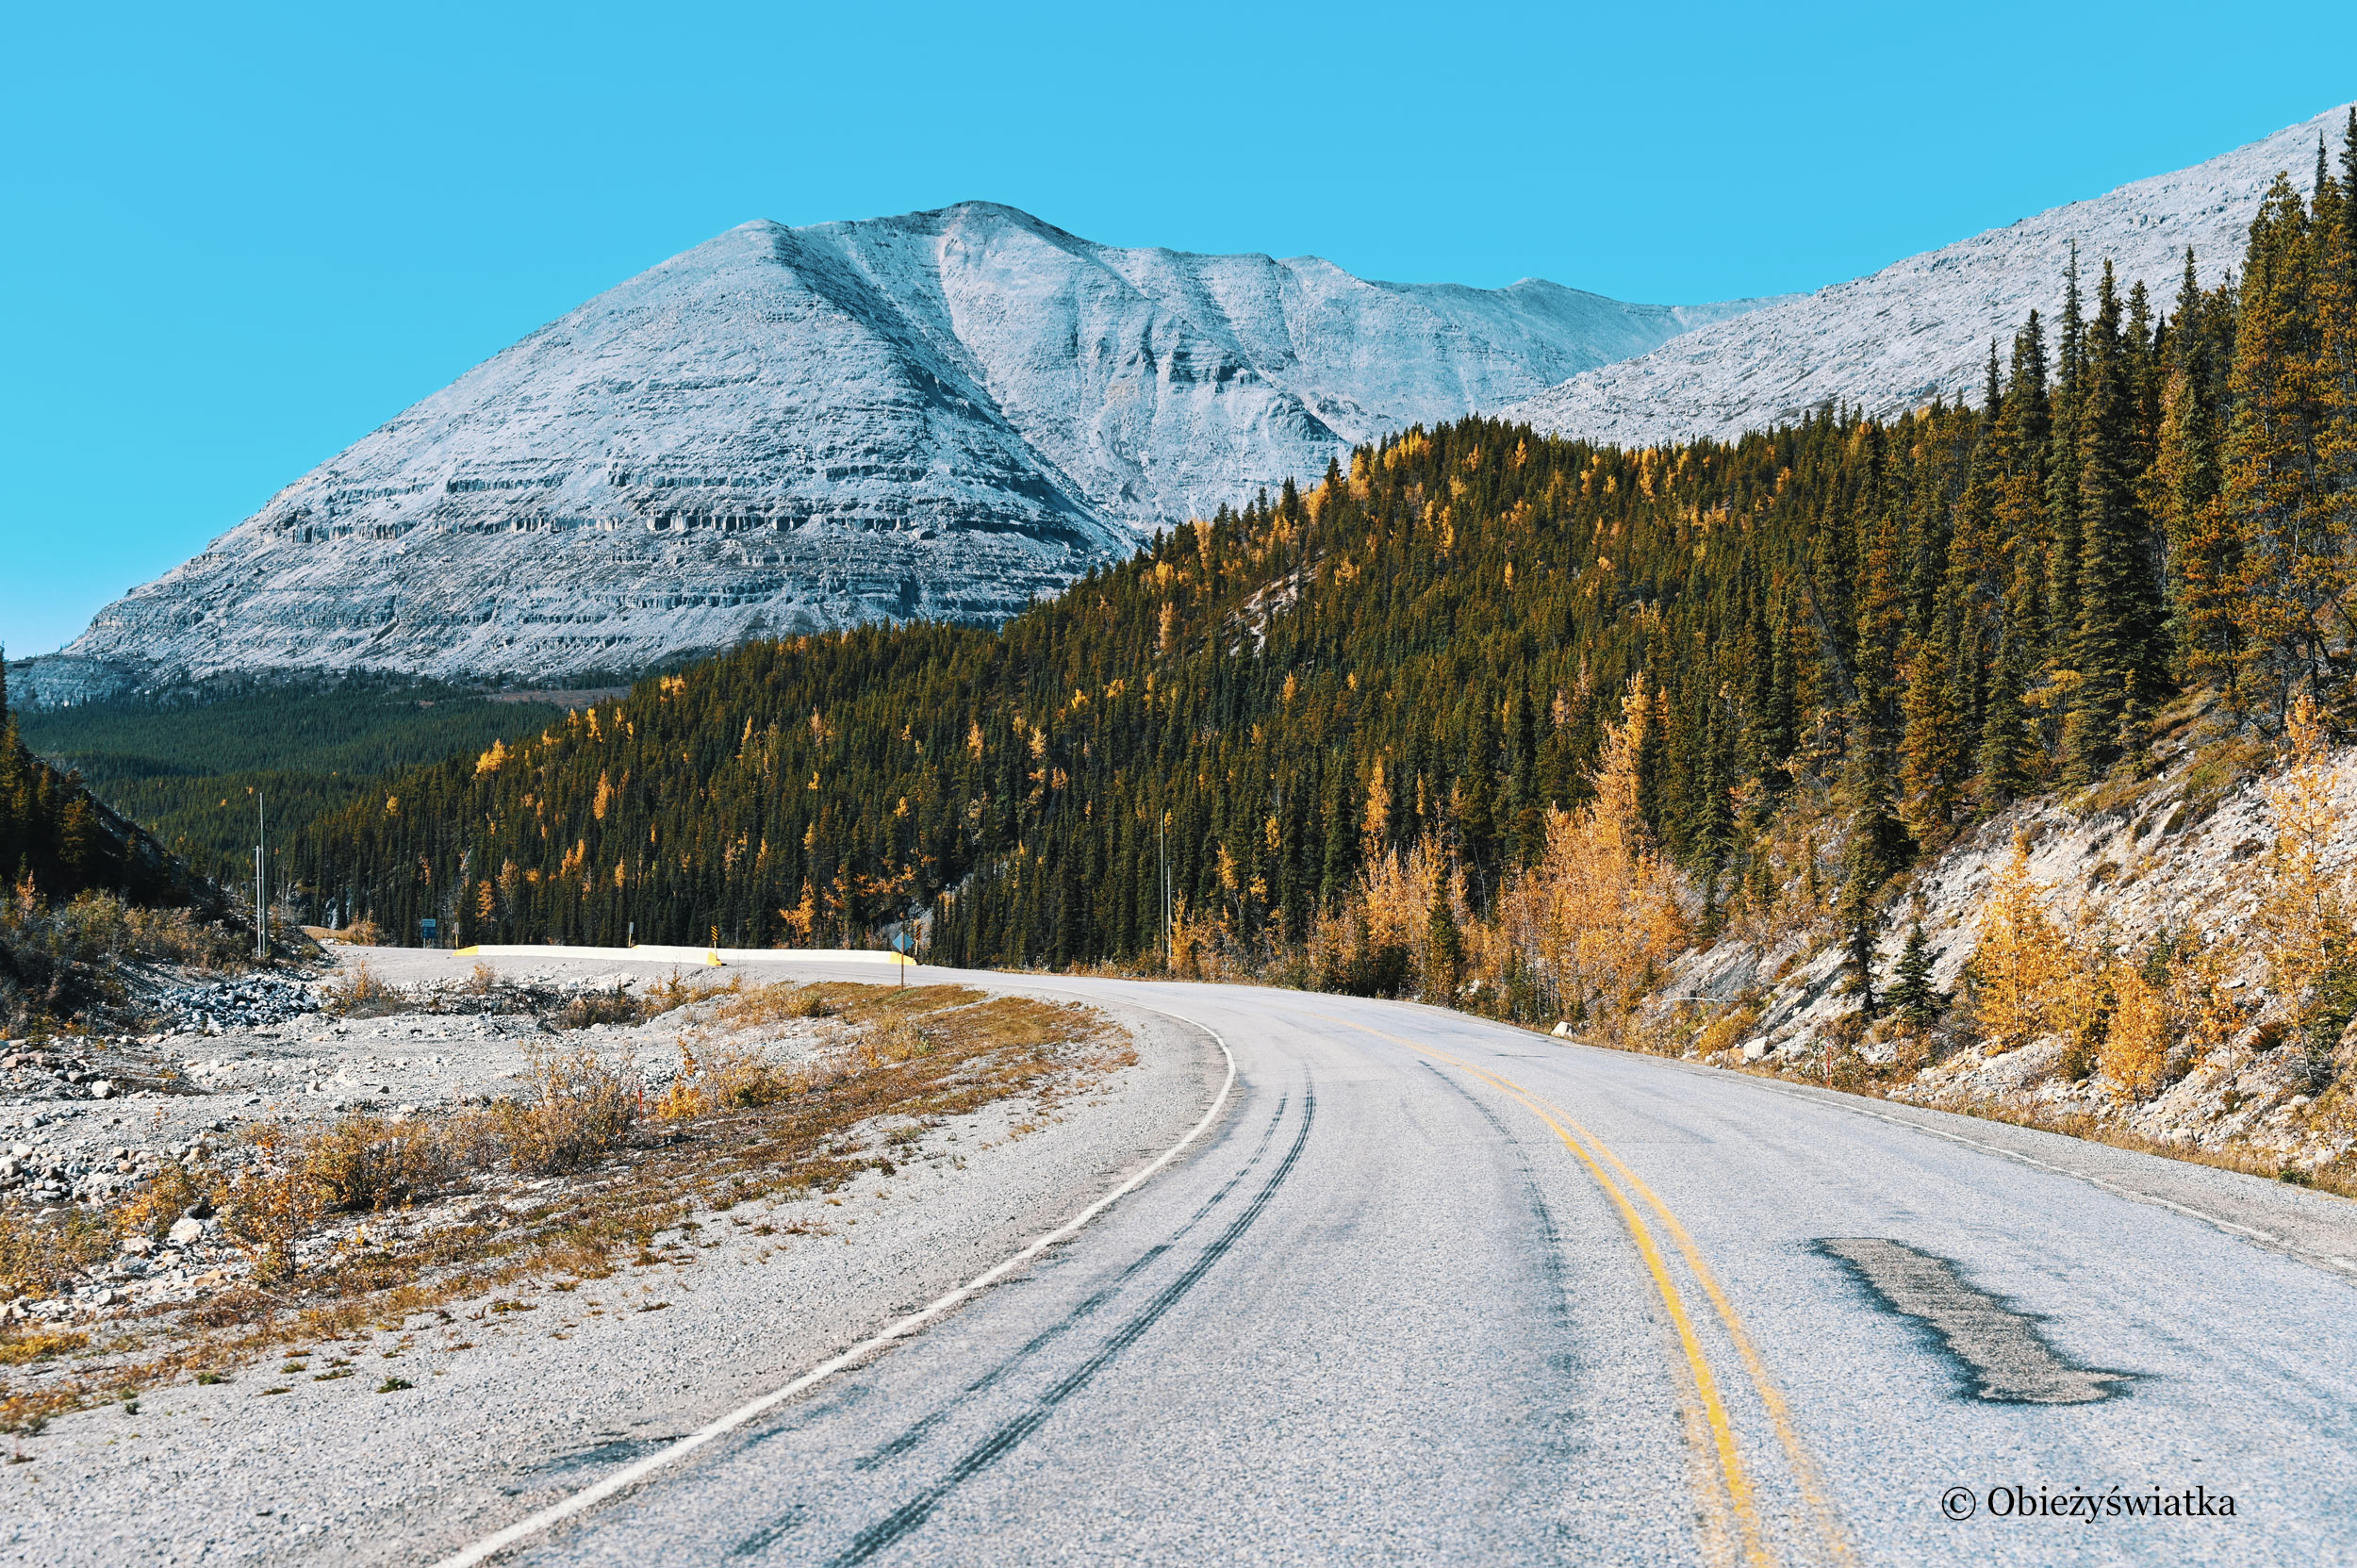 W drodze - Alaska Highway, Kanada